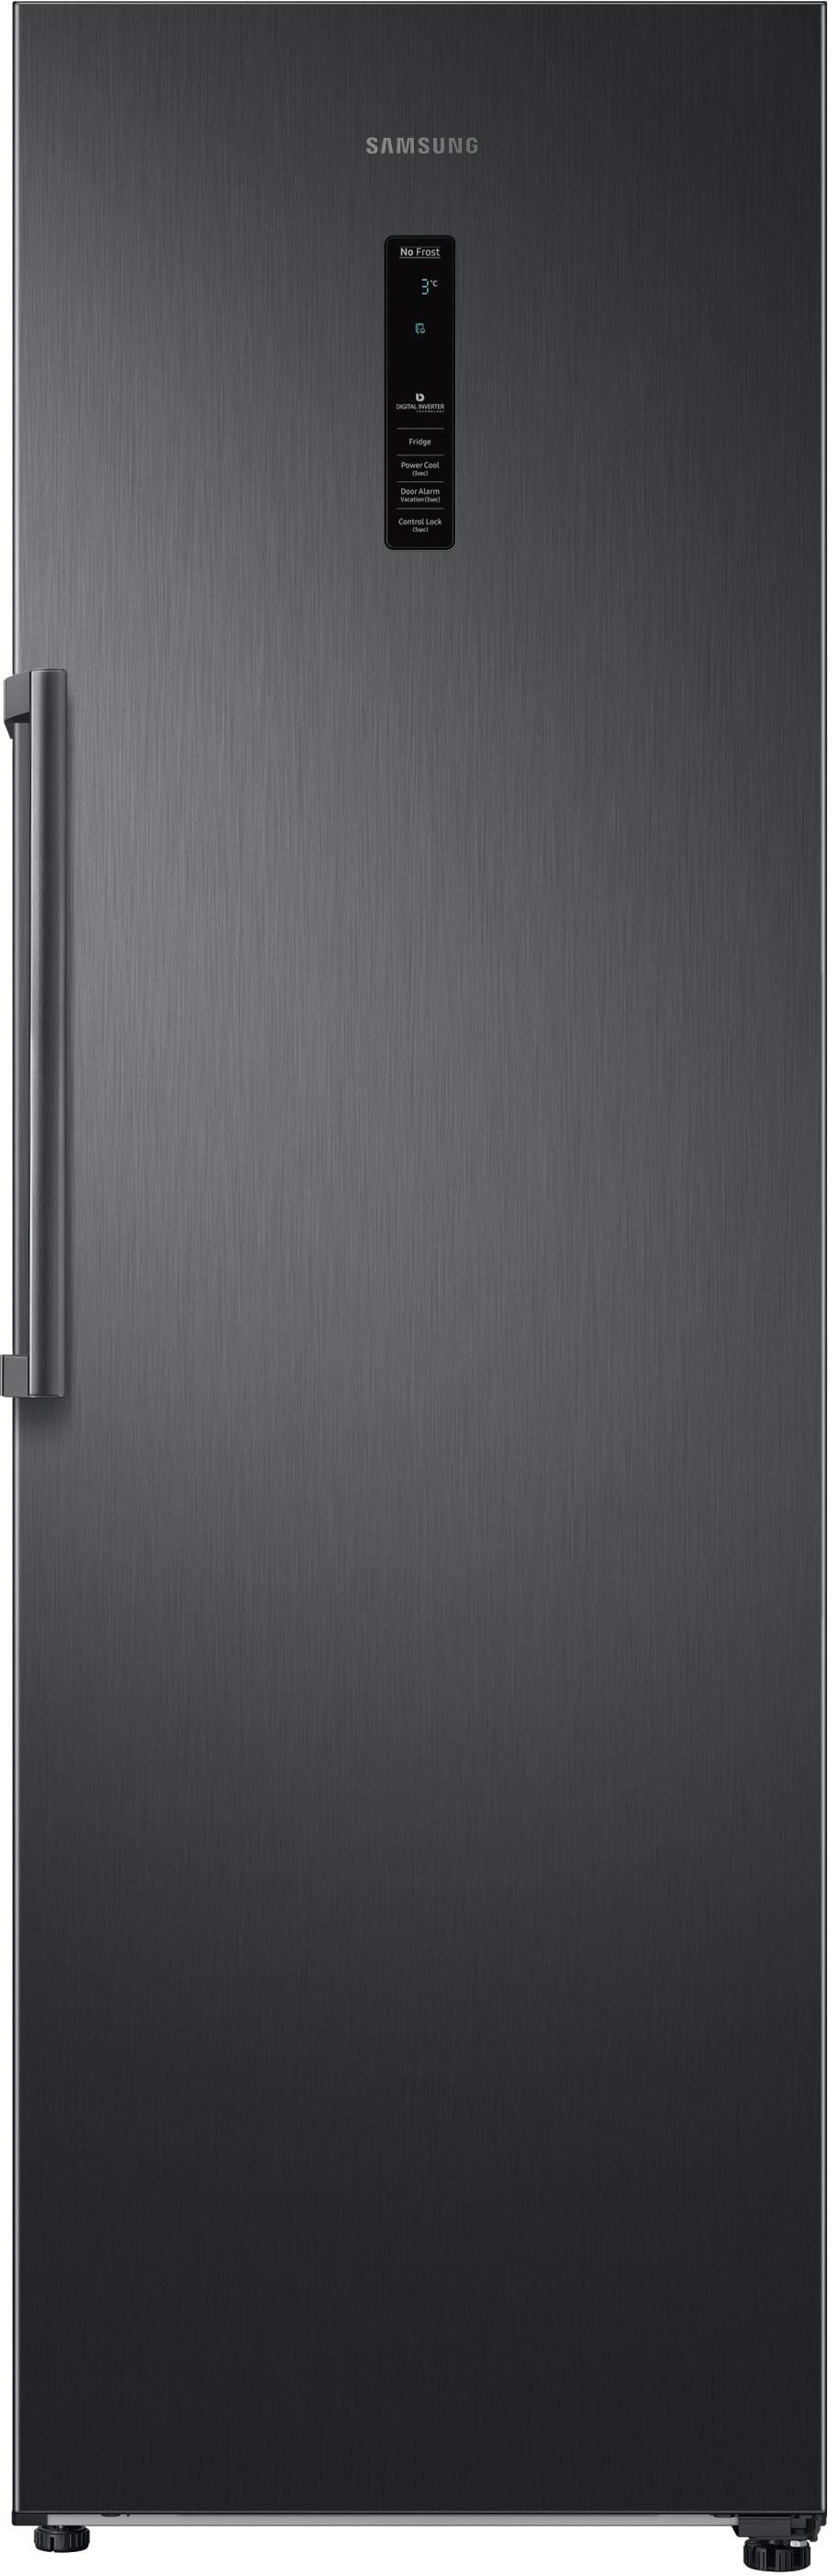 Samsung Twin RR39M7565B1